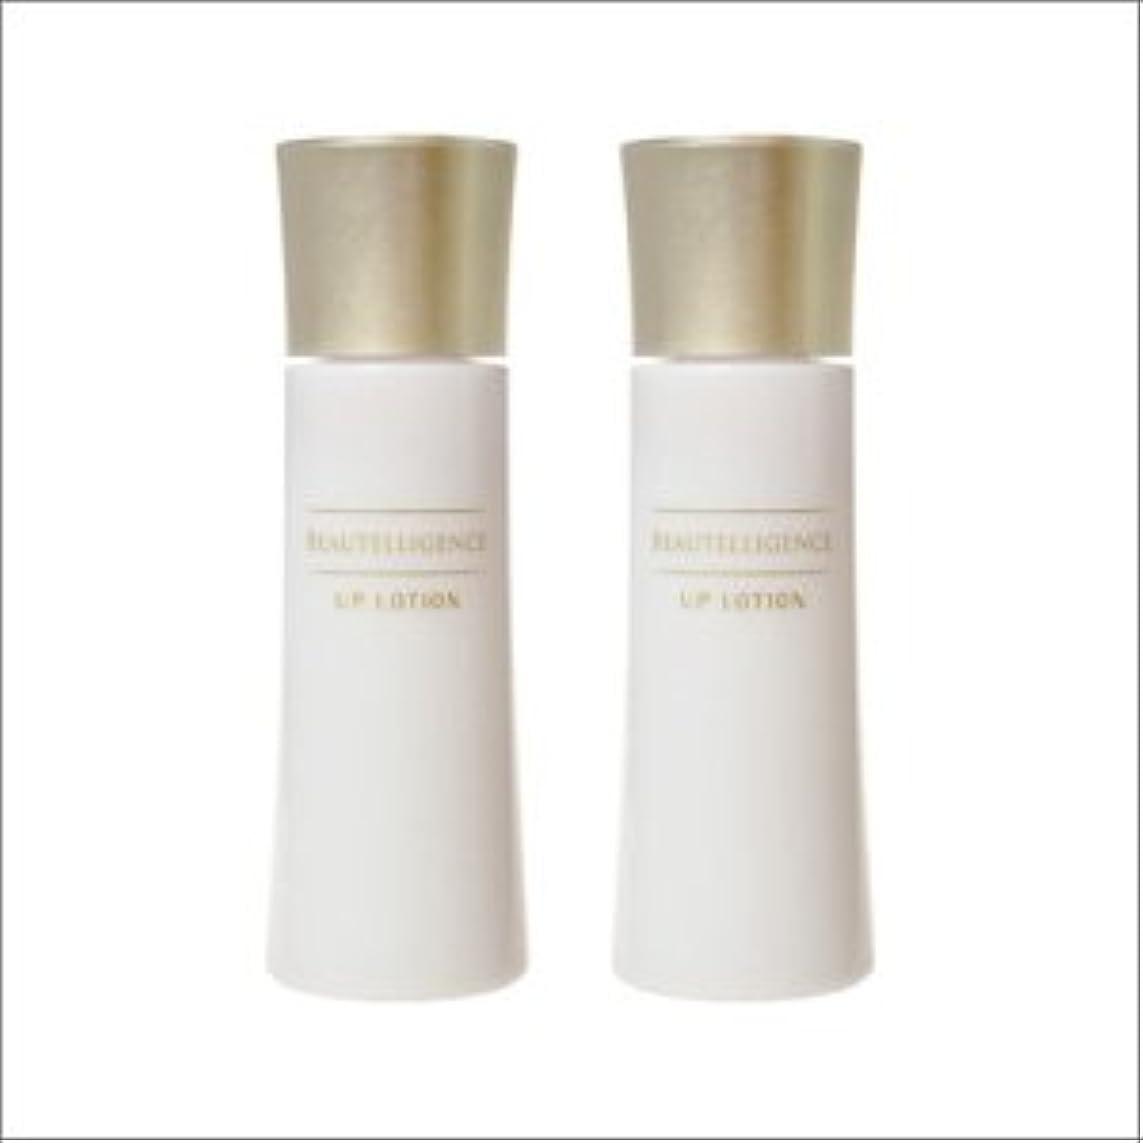 調整する遠近法撤退2本セット アップローション ひきしめ 化粧水 美容液 ハリ NEWA オシリフト グリシルグリシンエイジングケア